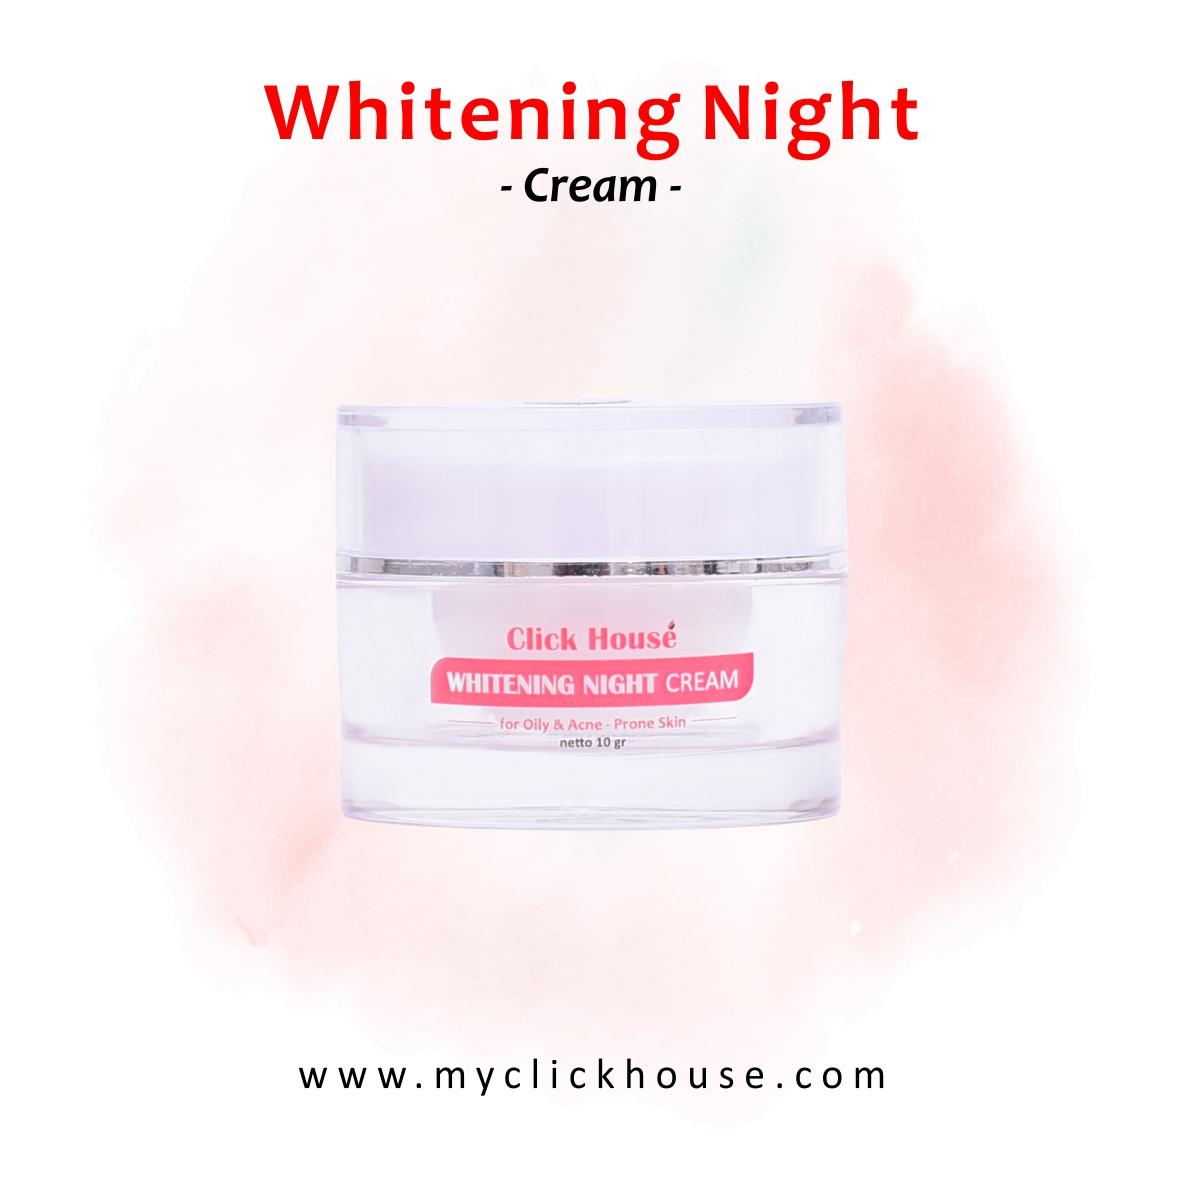 Click House Whitening Night Cream